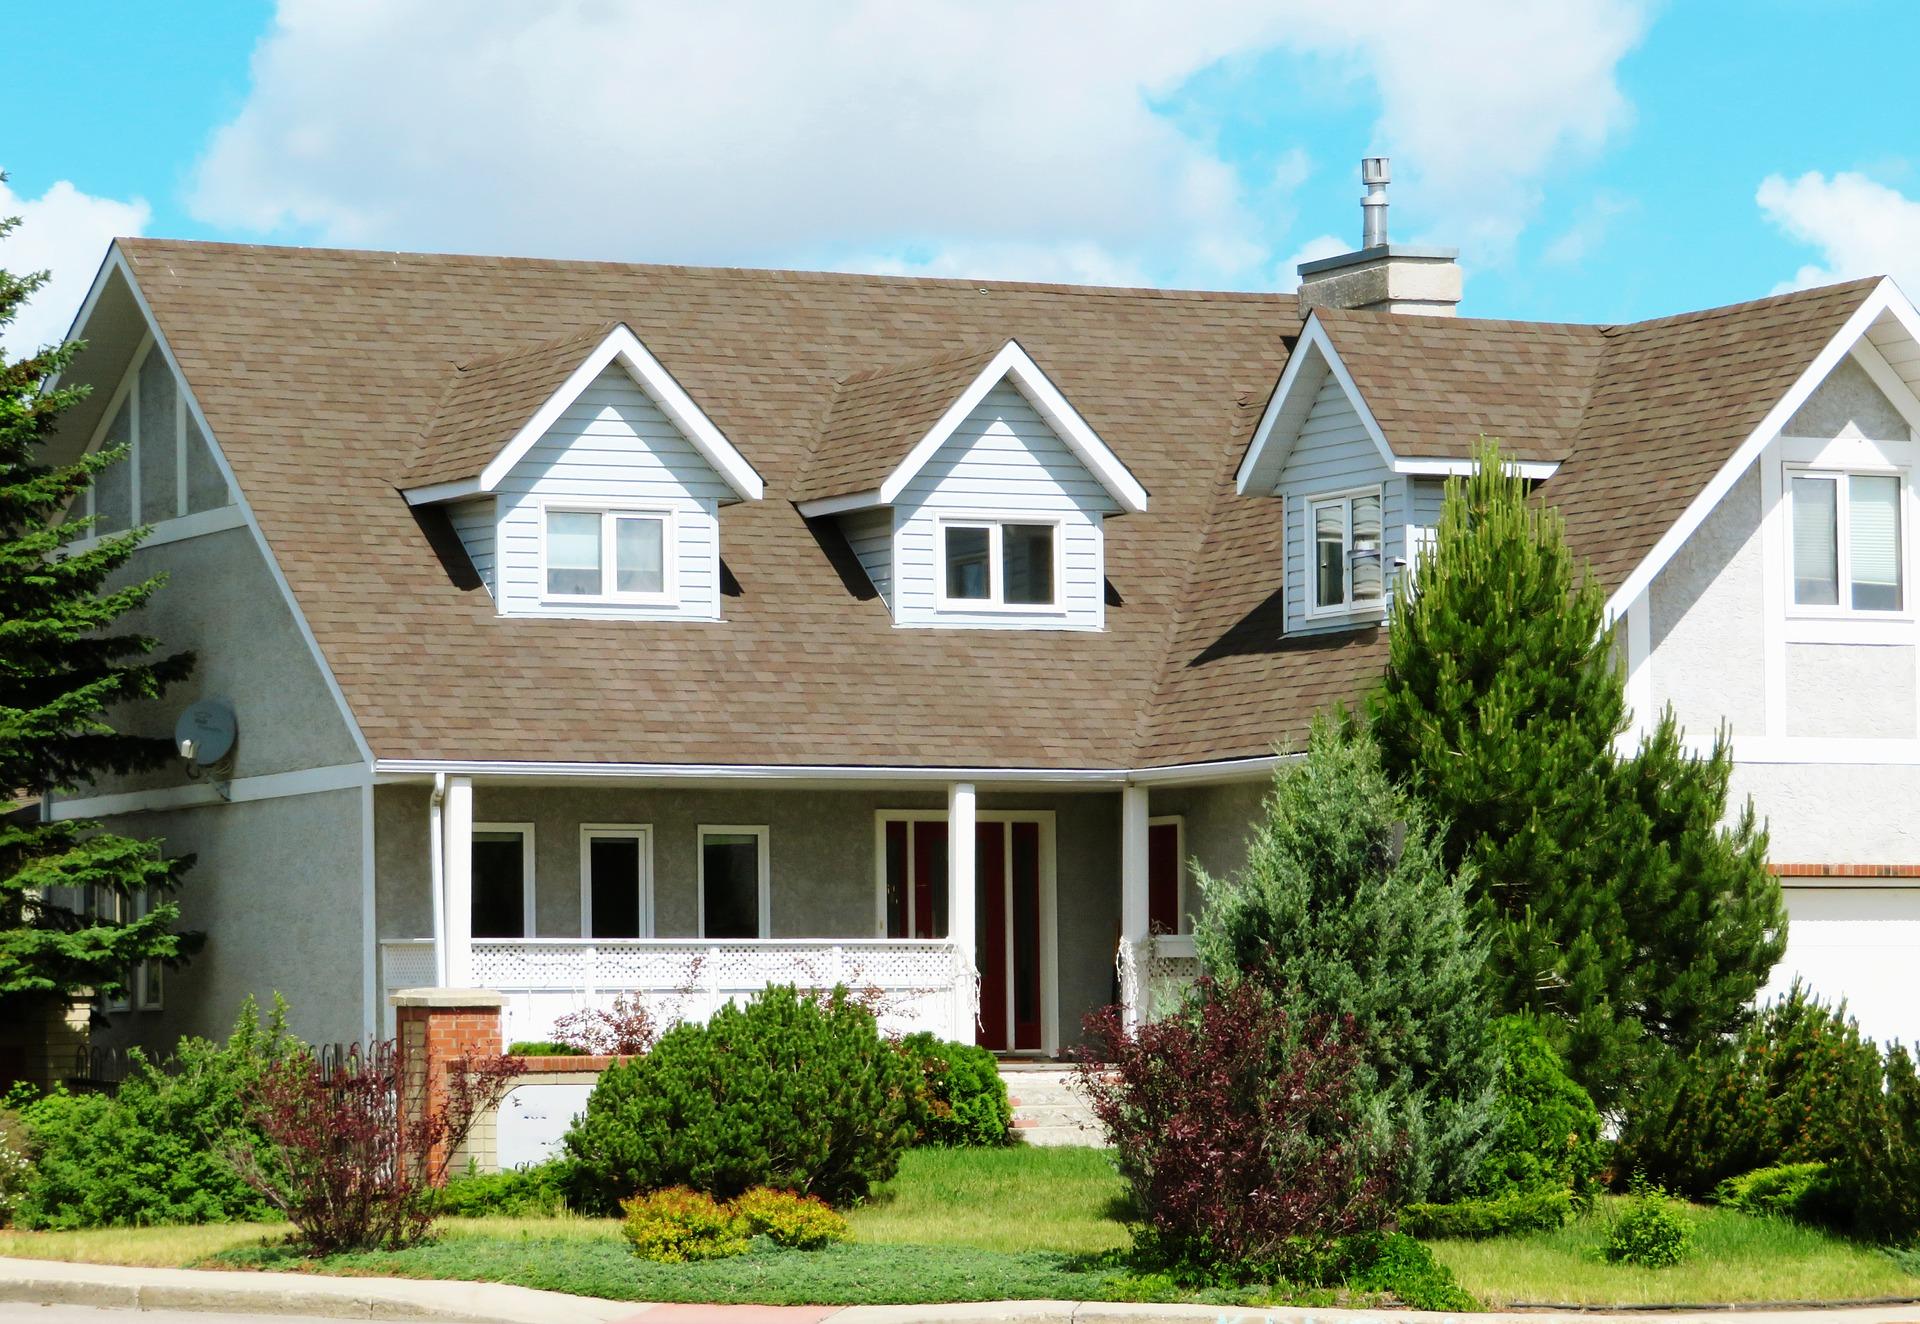 house-2417271_1920.jpg